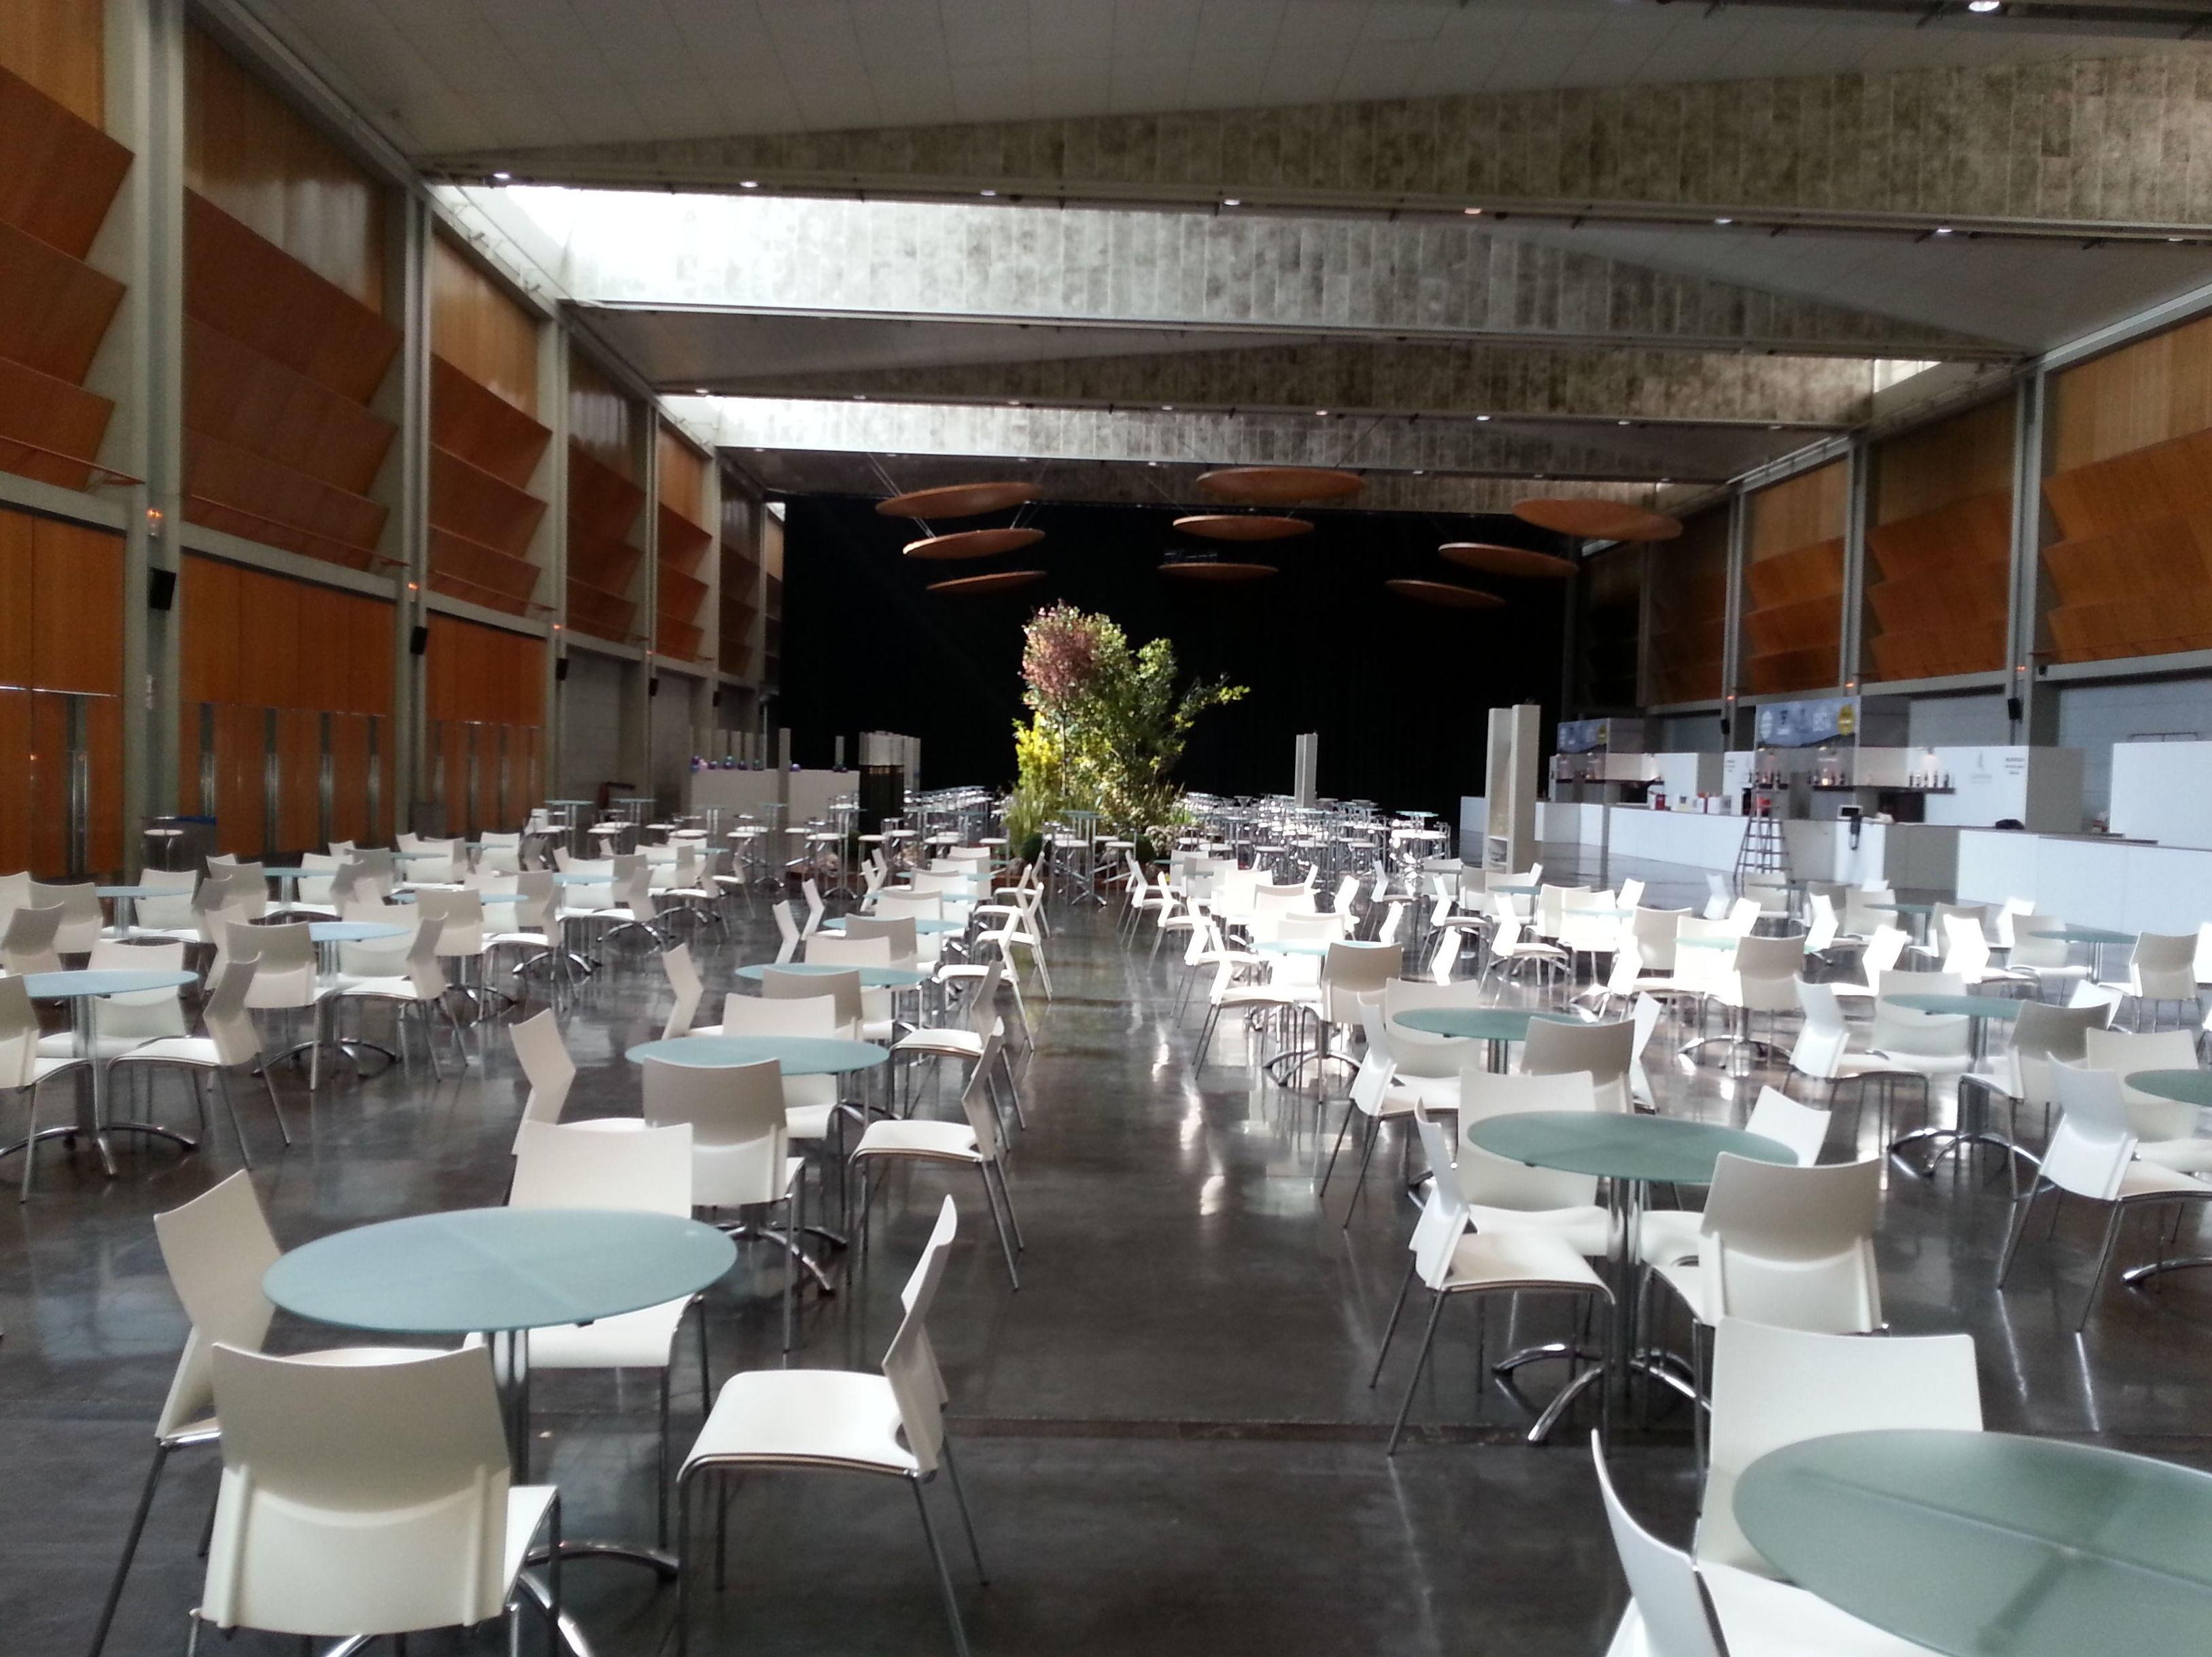 Foto 28 de Alquiler de sillas, mesas y menaje en Zaragoza | Stuhl Ibérica Alquiler de Mobiliario